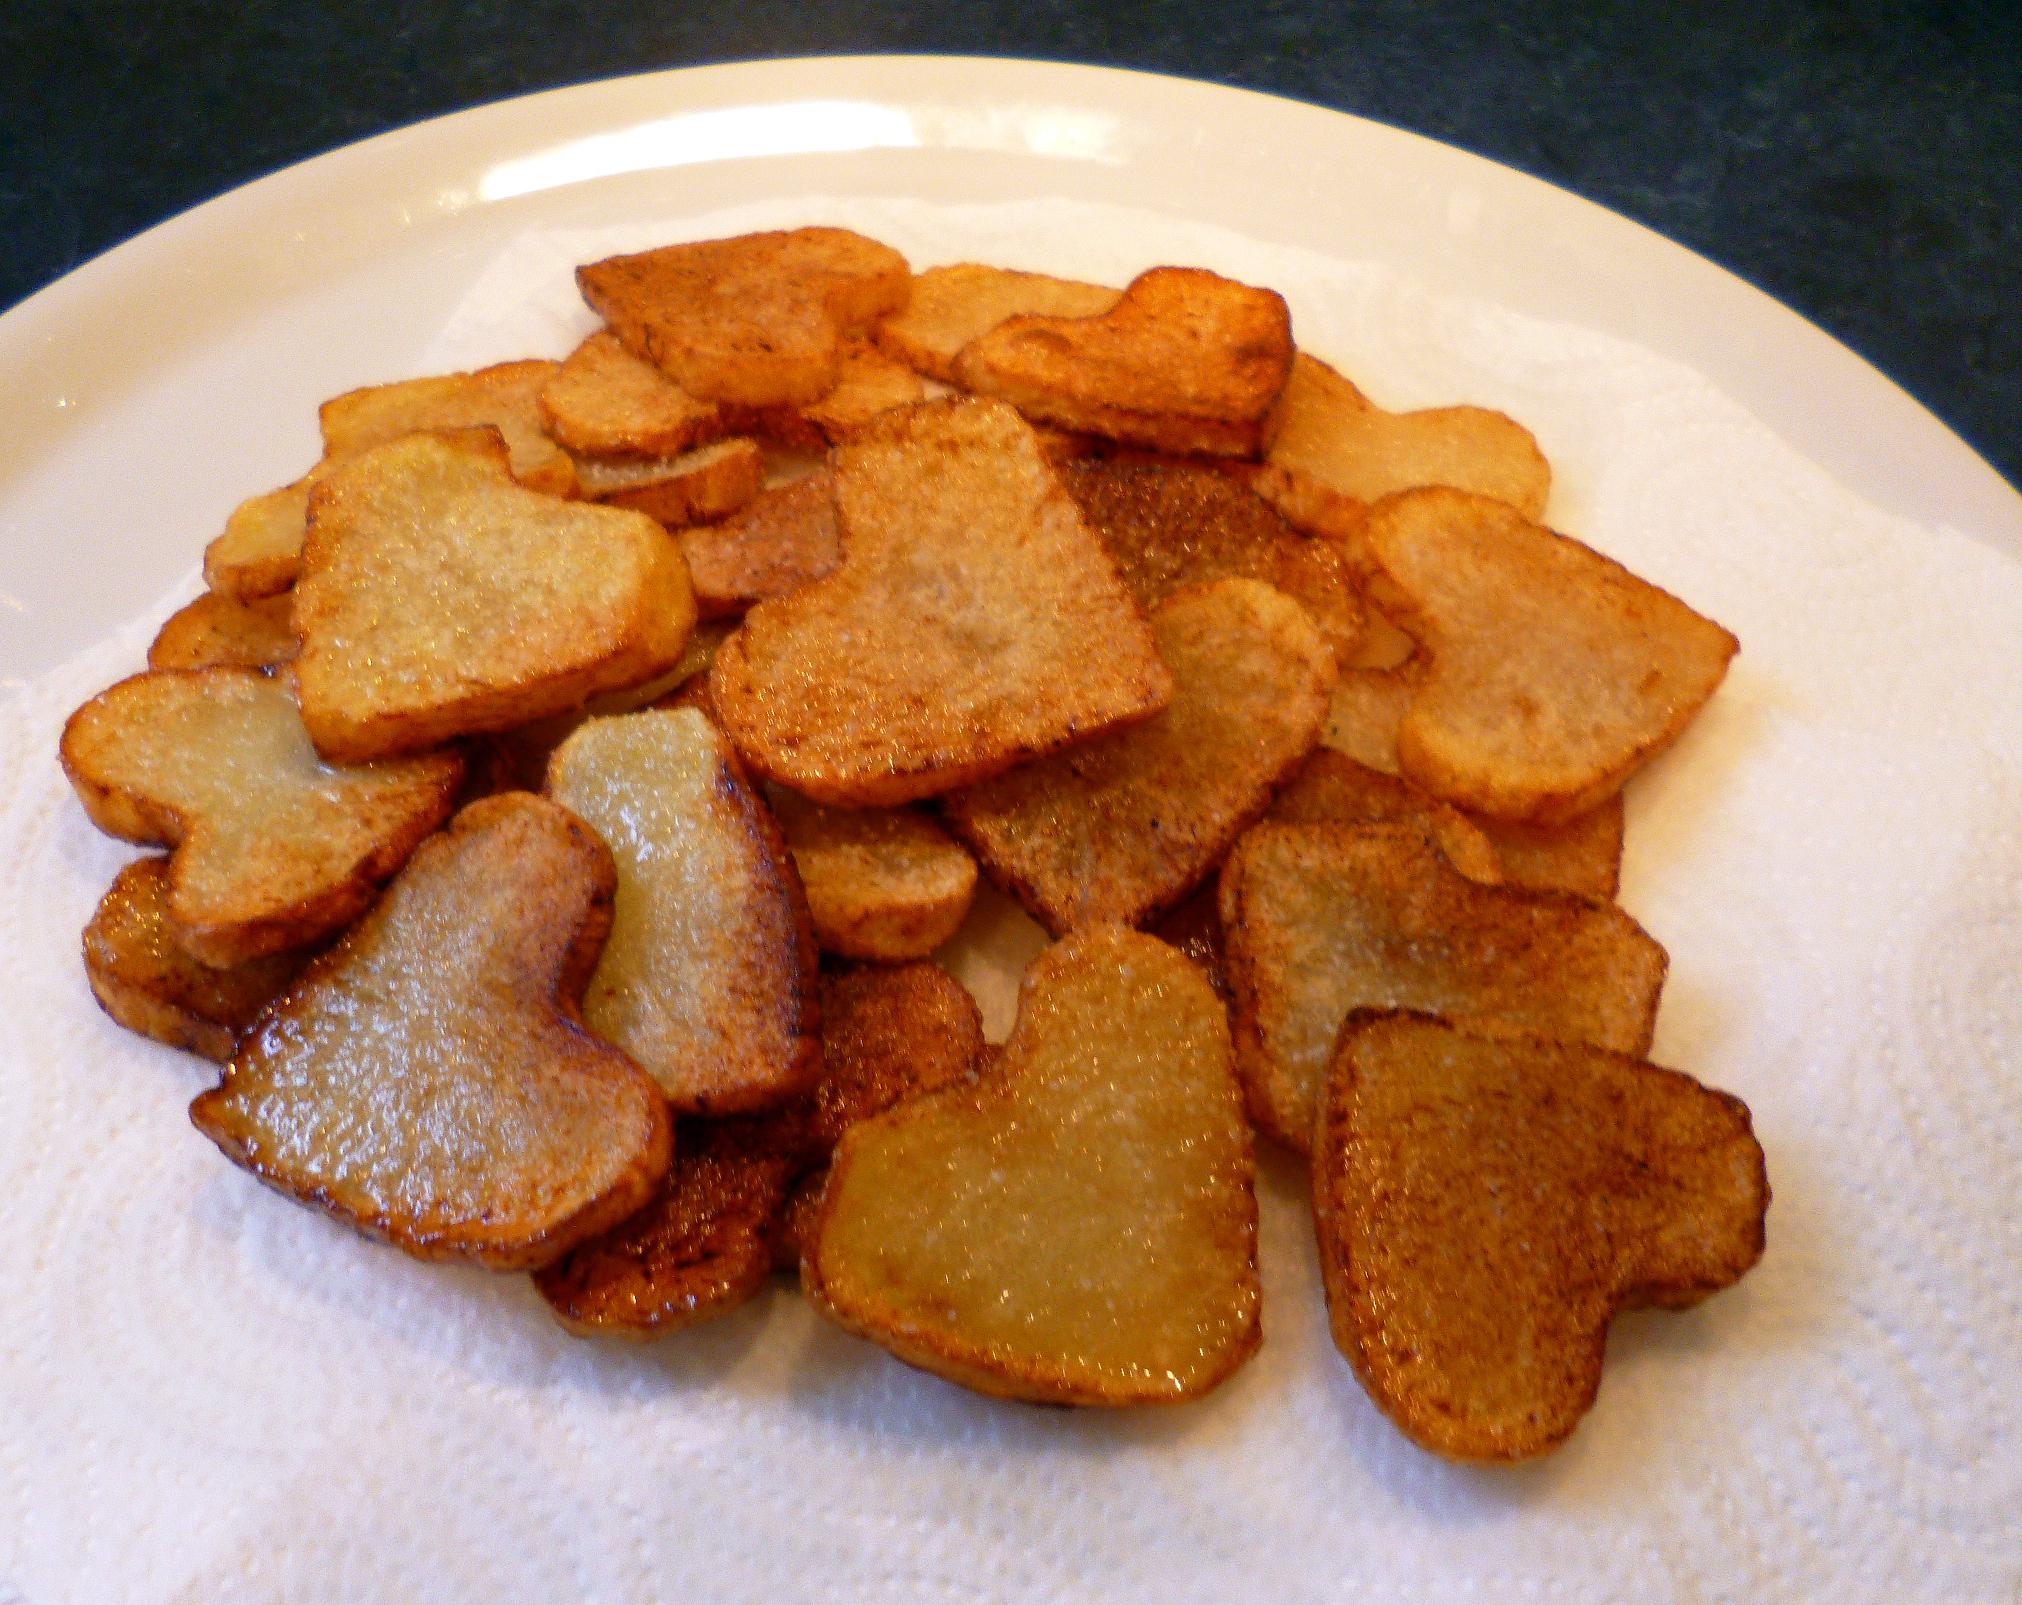 Frites st valentin la recette facile par toqu s 2 cuisine - Cuisine saint valentin ...